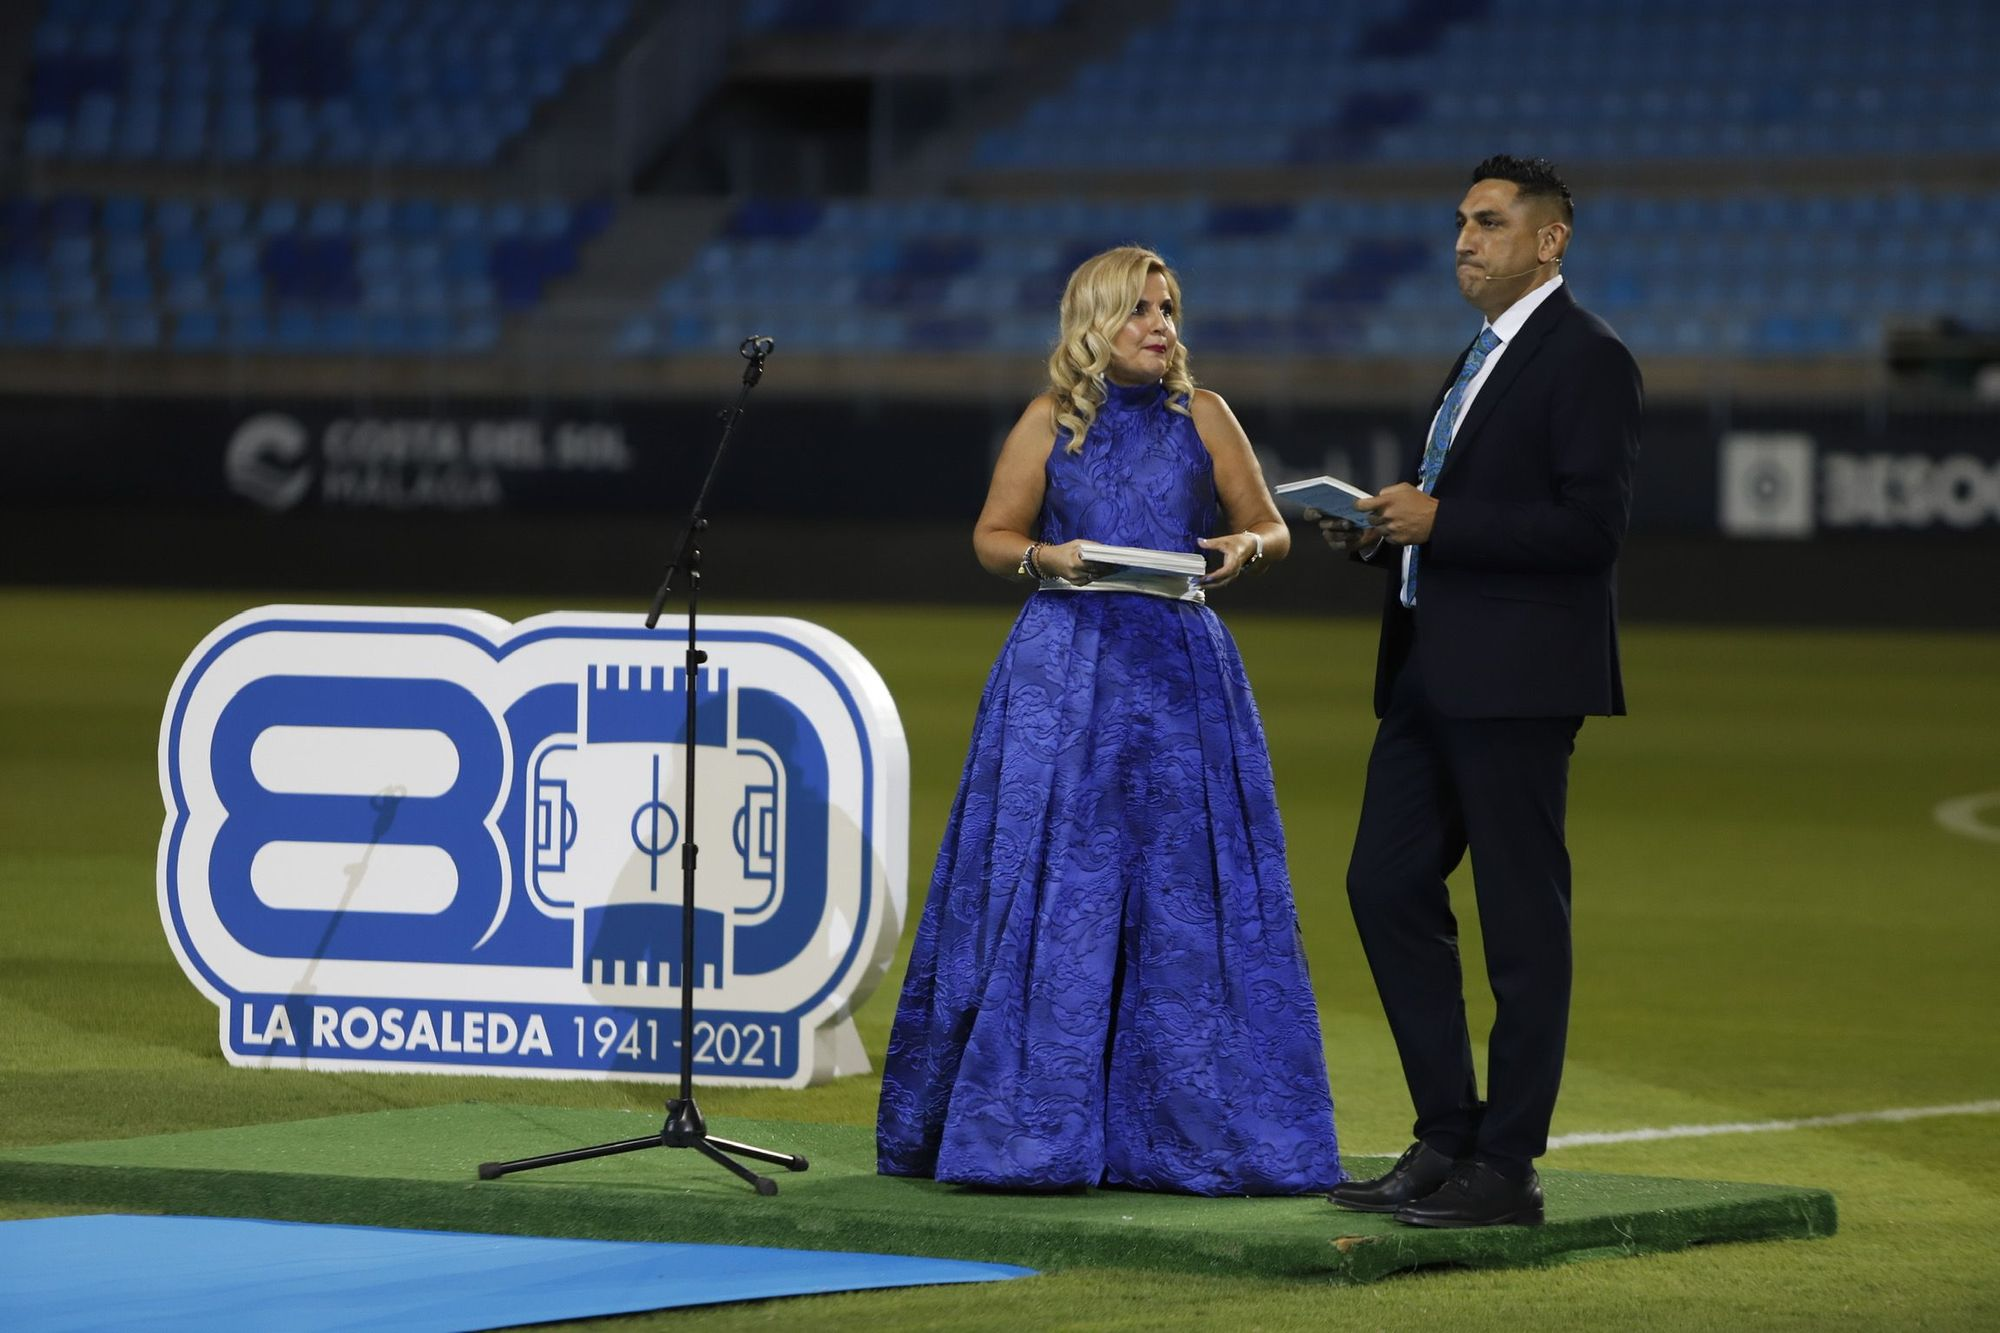 La Rosaleda se viste de gala para celebrar su 80 cumpleaños